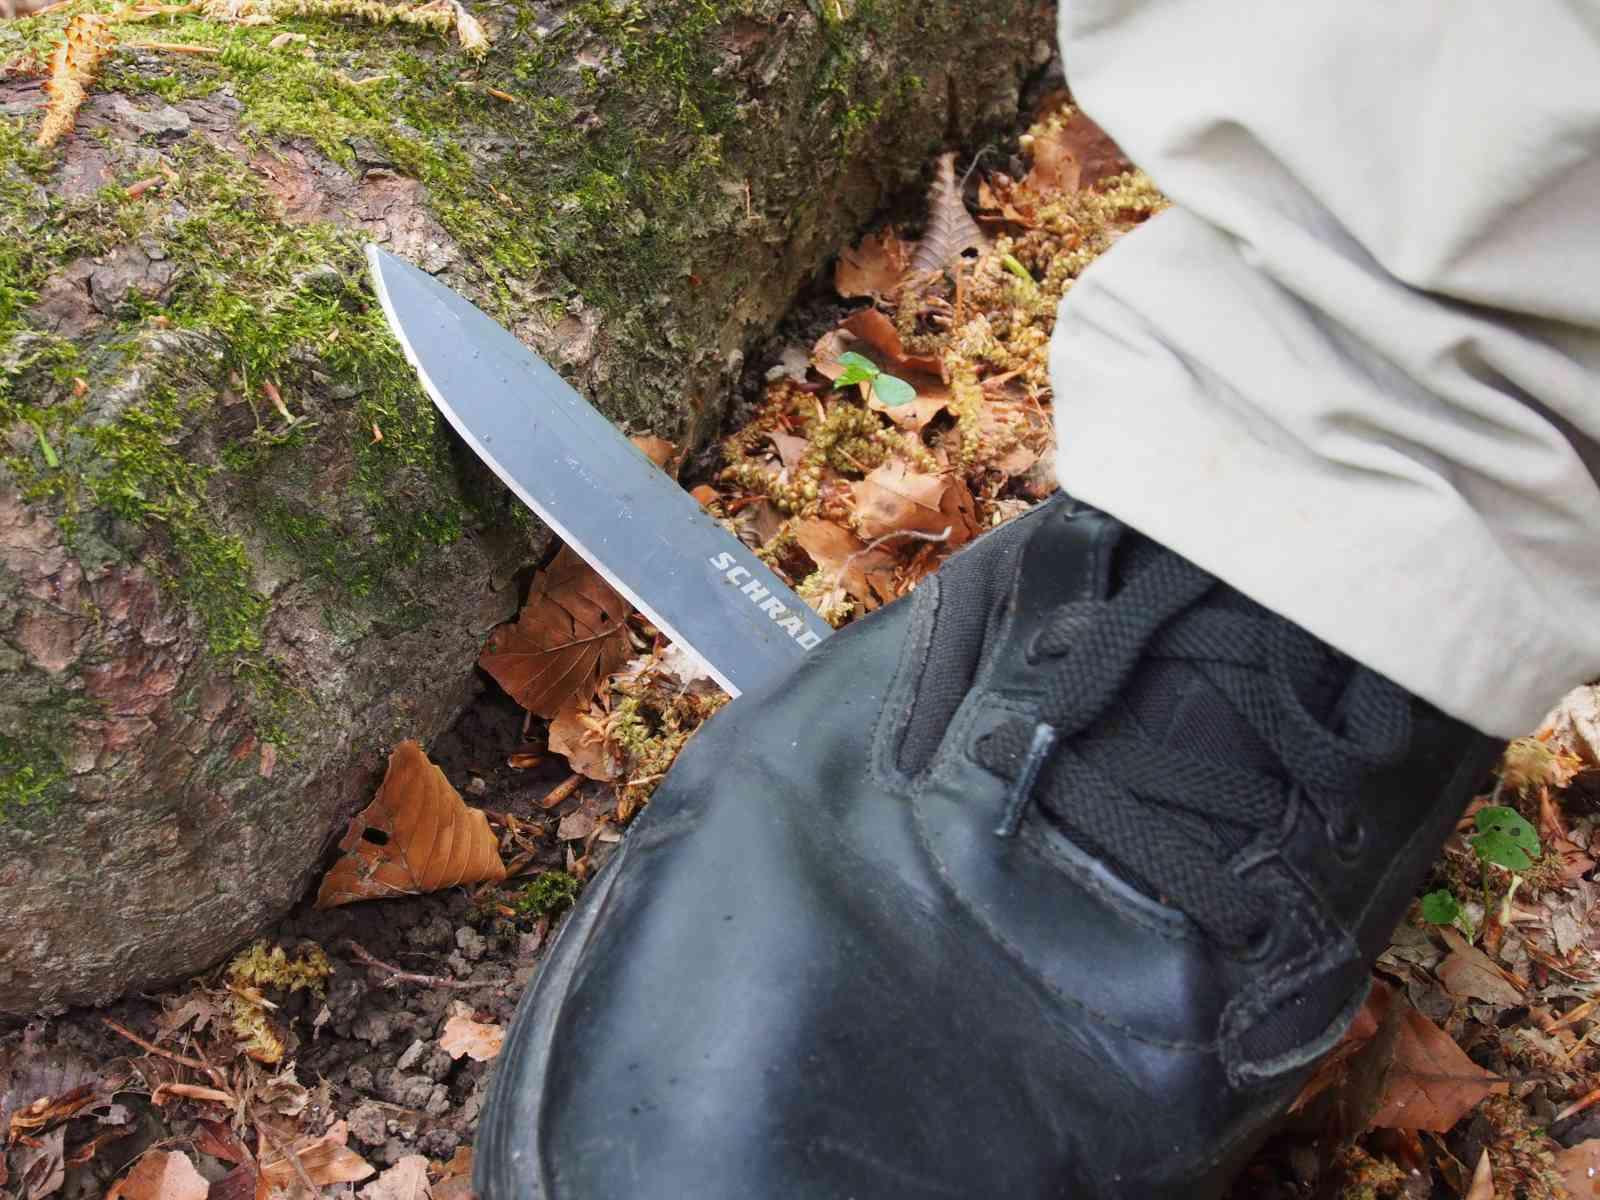 Schrade Extreme Survival Knife SCHF1SM - Widerstandsfähigkeit